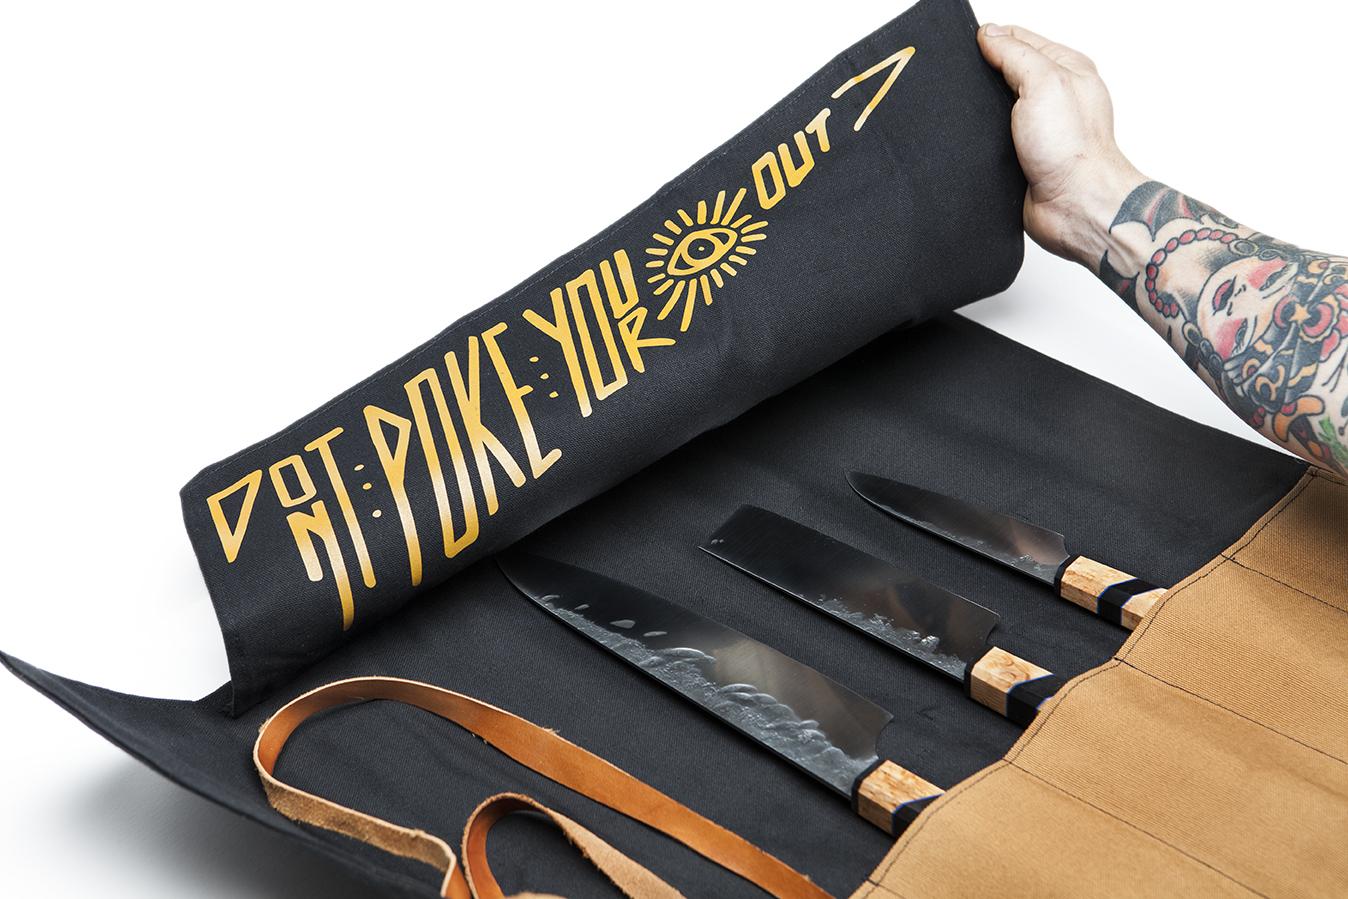 KNIFE SETS -